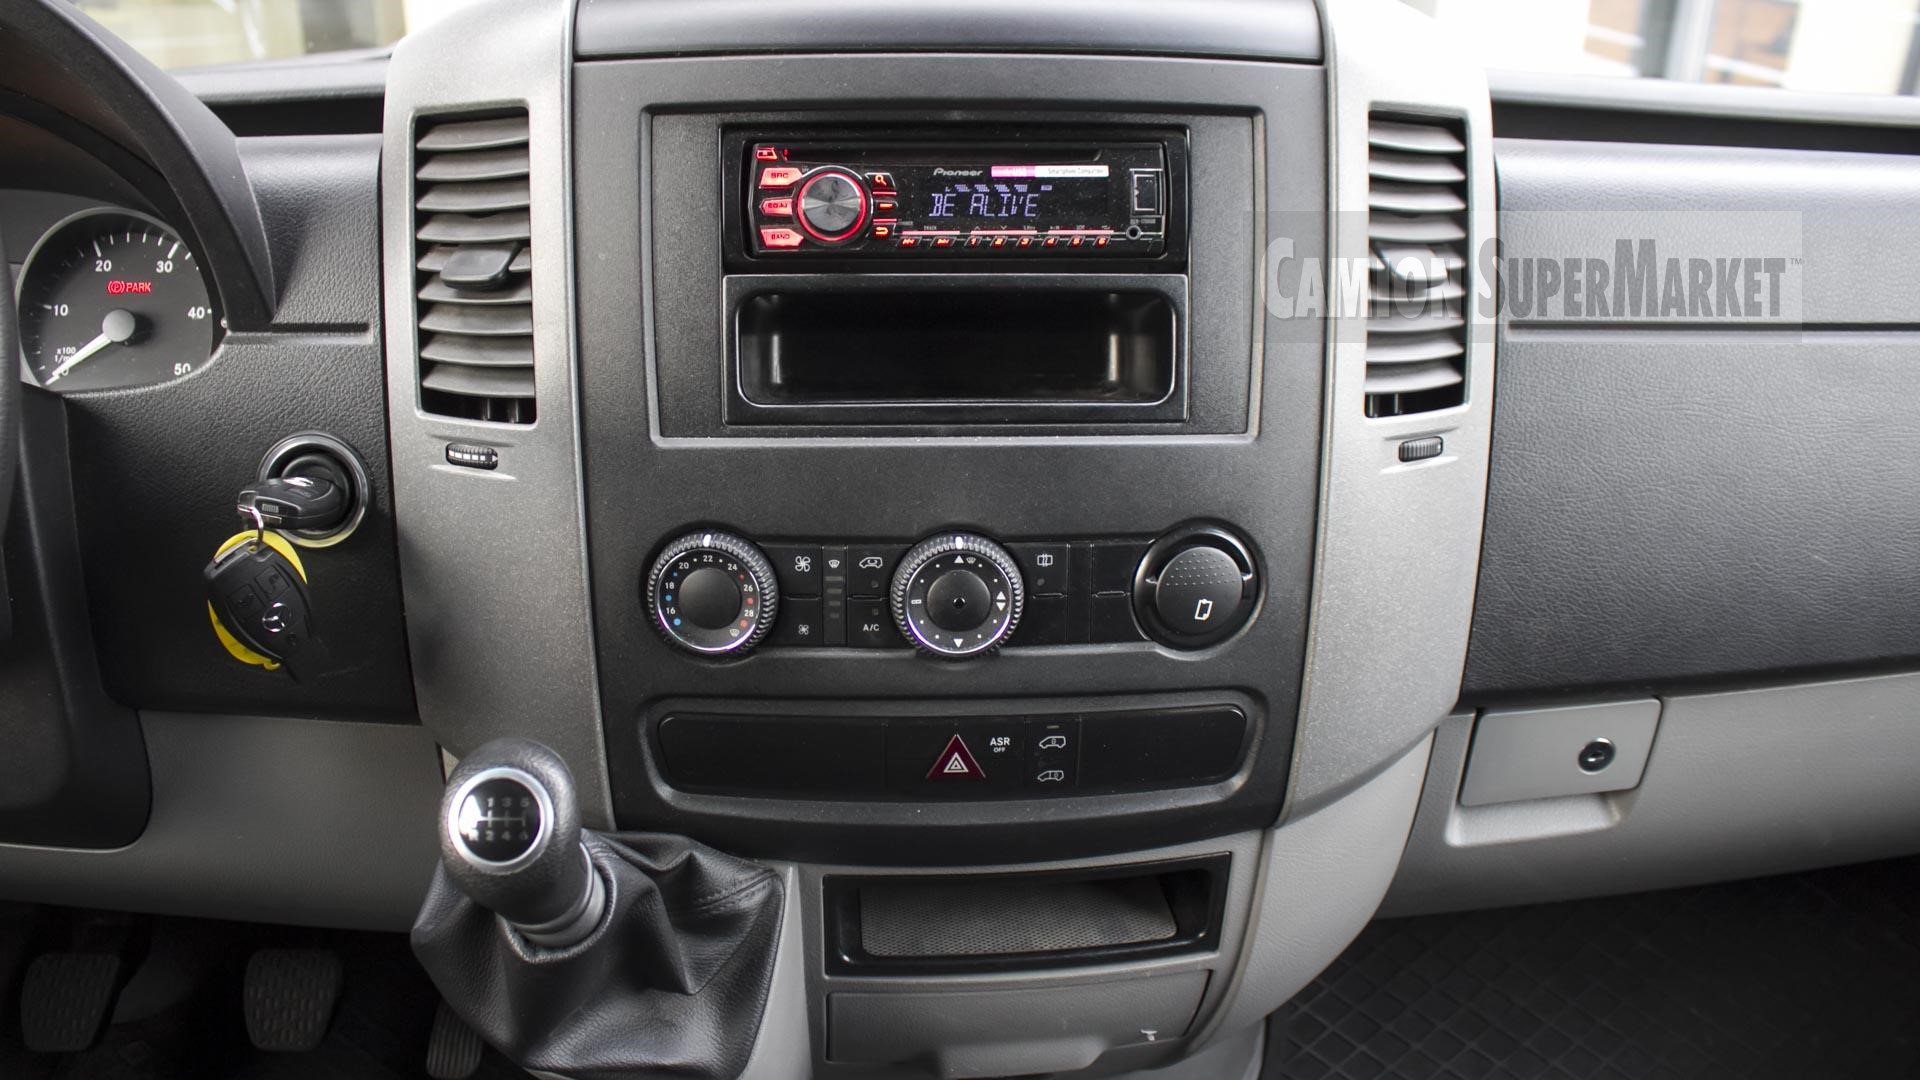 Mercedes-Benz SPRINTER 319 Usato 2015